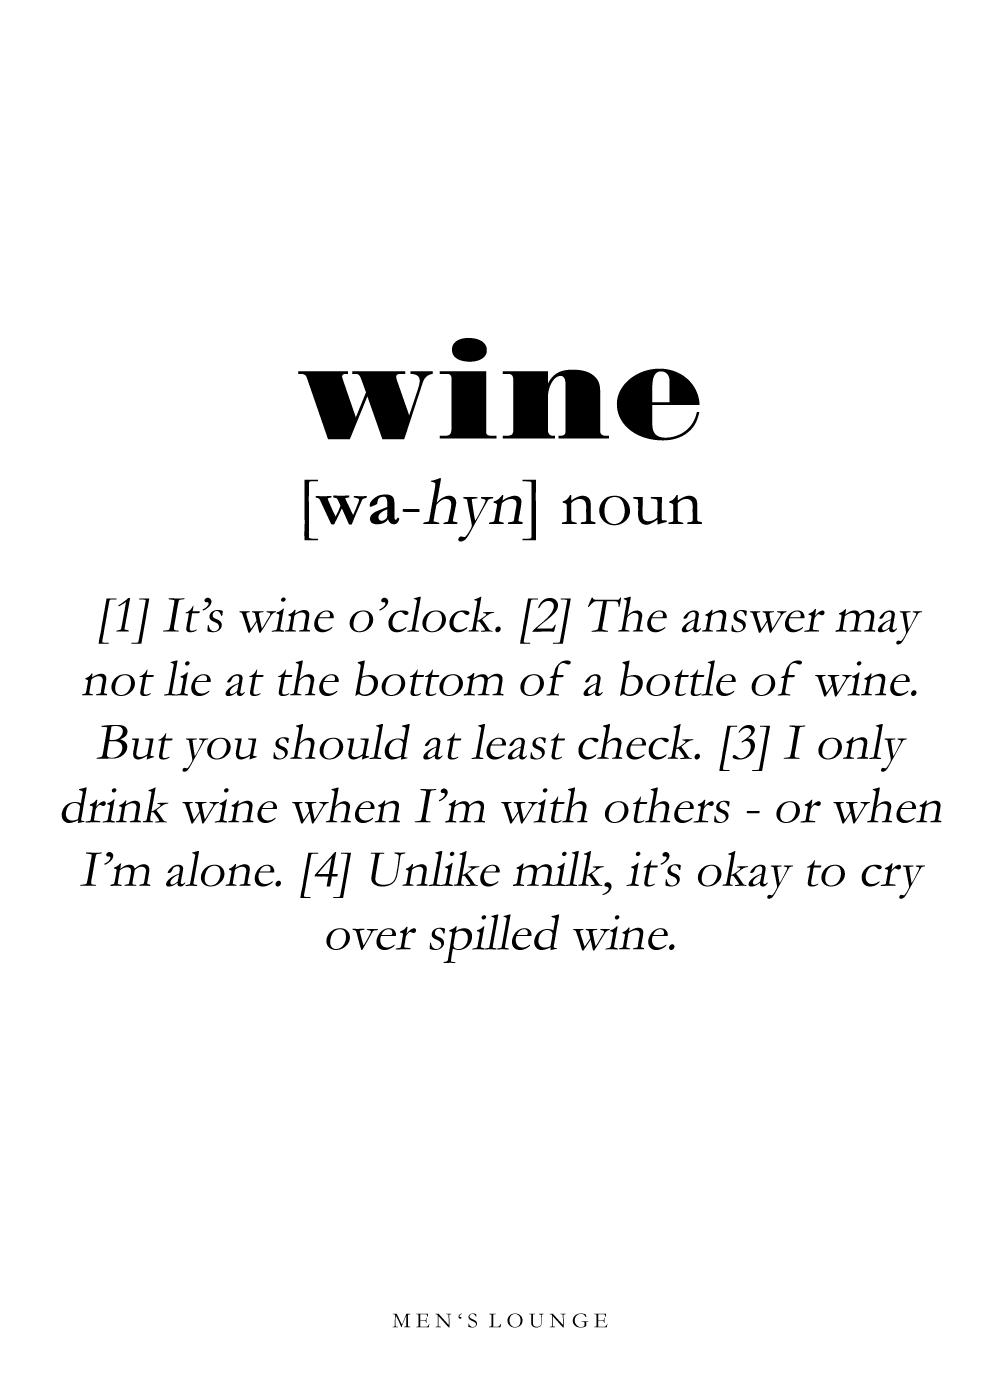 Billede af Wine definition - Men's Lounge plakat